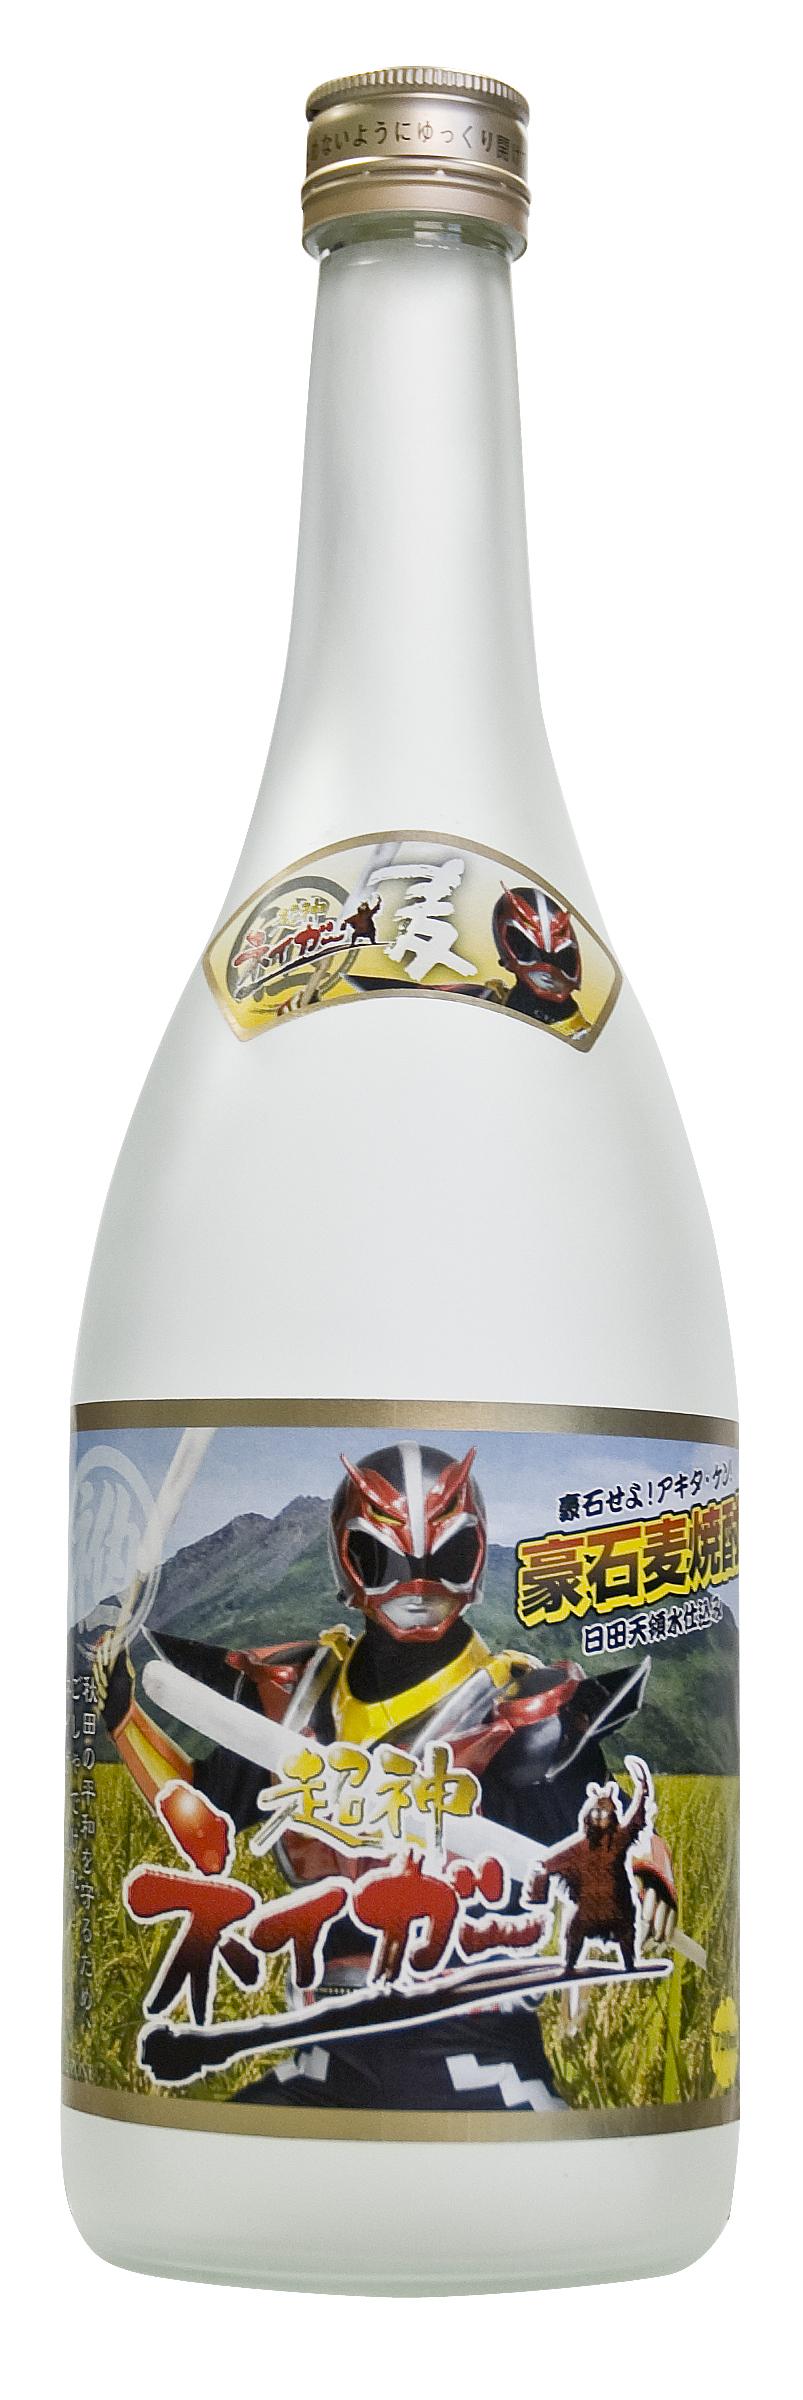 ボトル-ネイガー麦1700円(西の誉銘醸株式会社様)